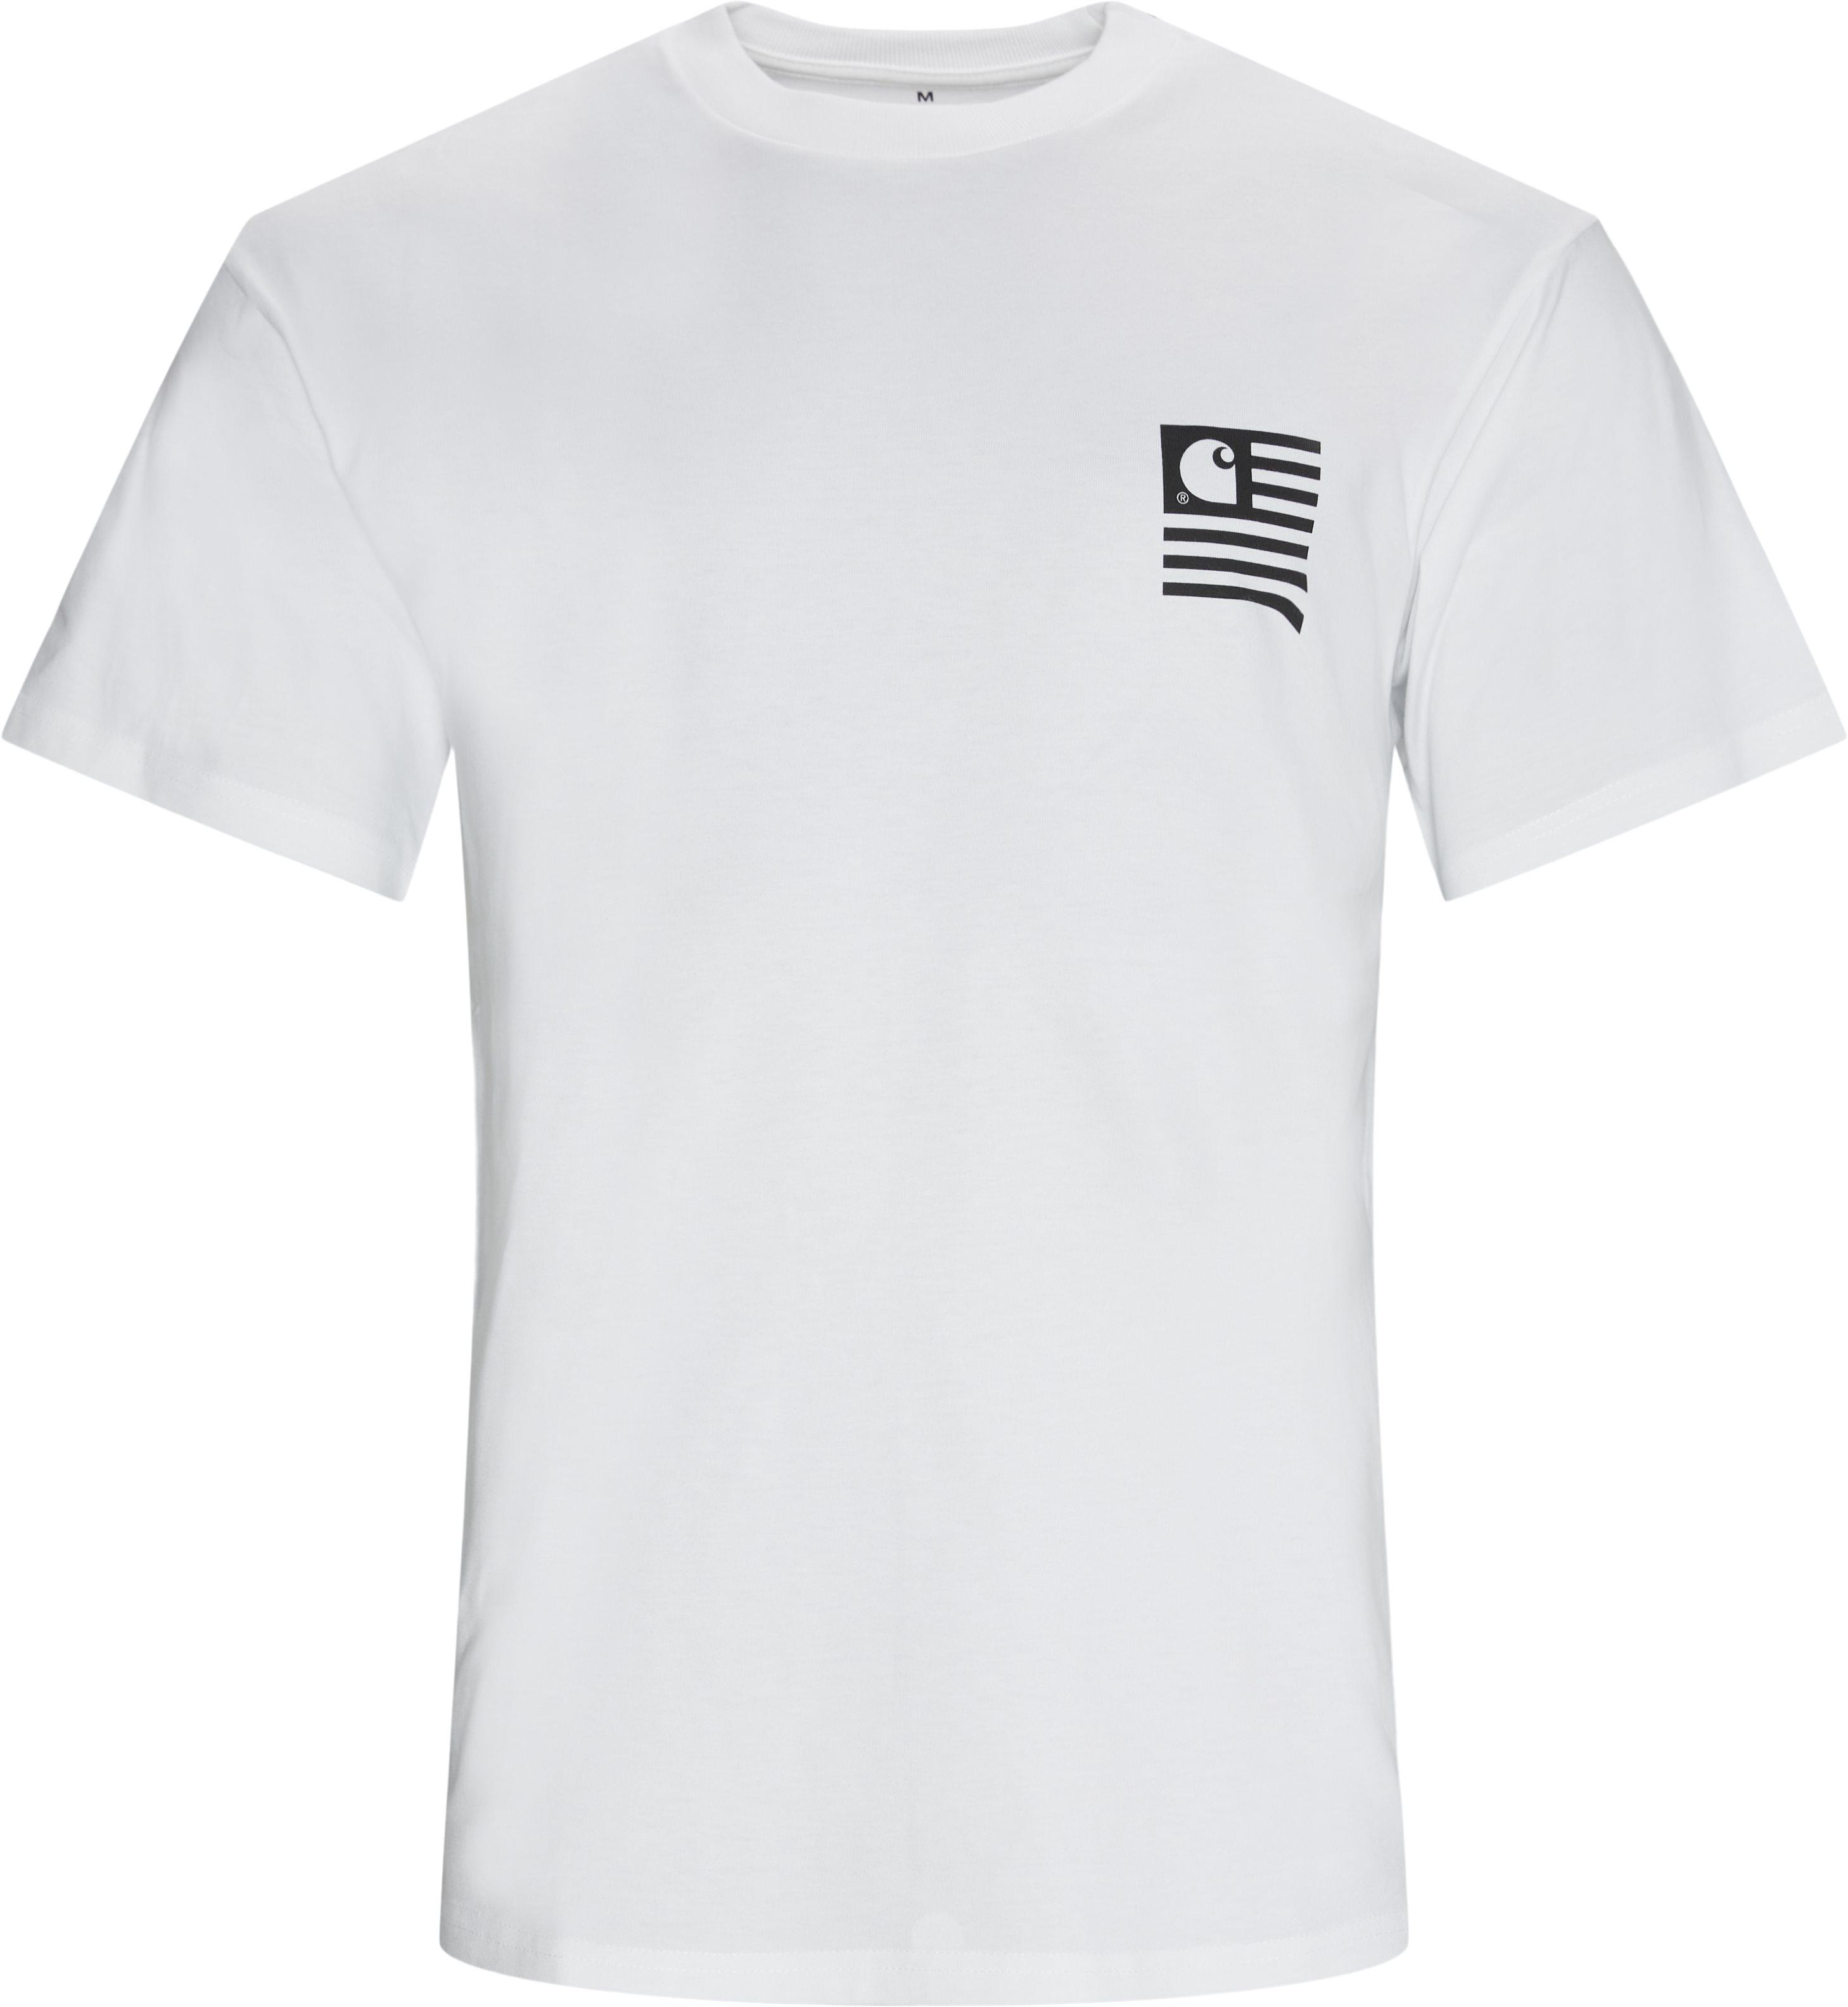 Wavy State Tee - T-shirts - Regular fit - Hvid